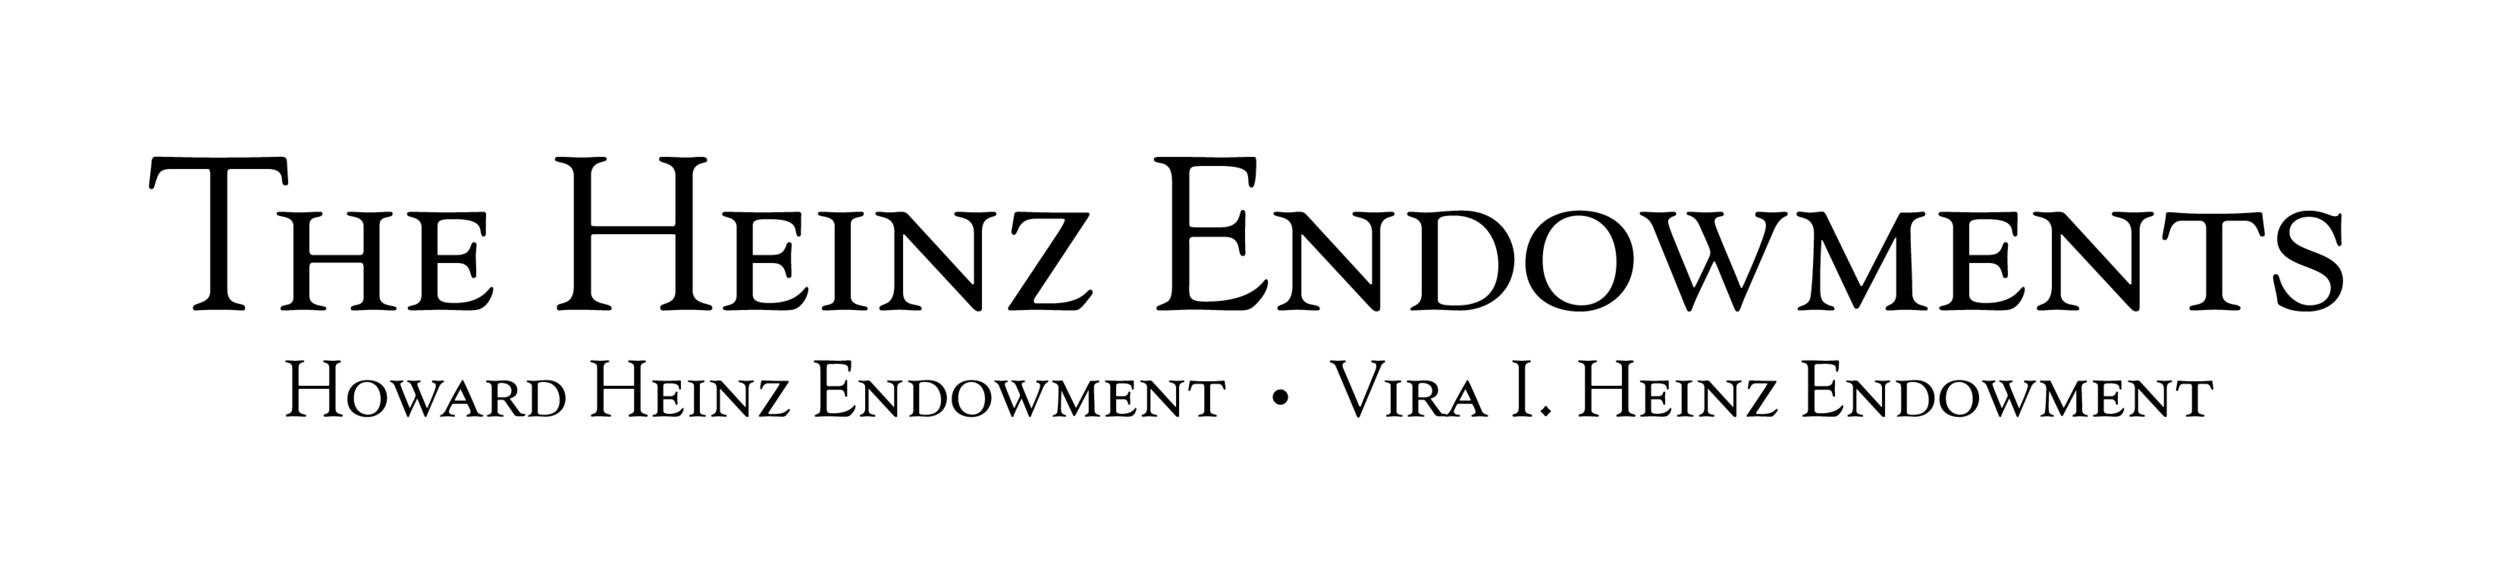 heinz_logo_caps.jpg